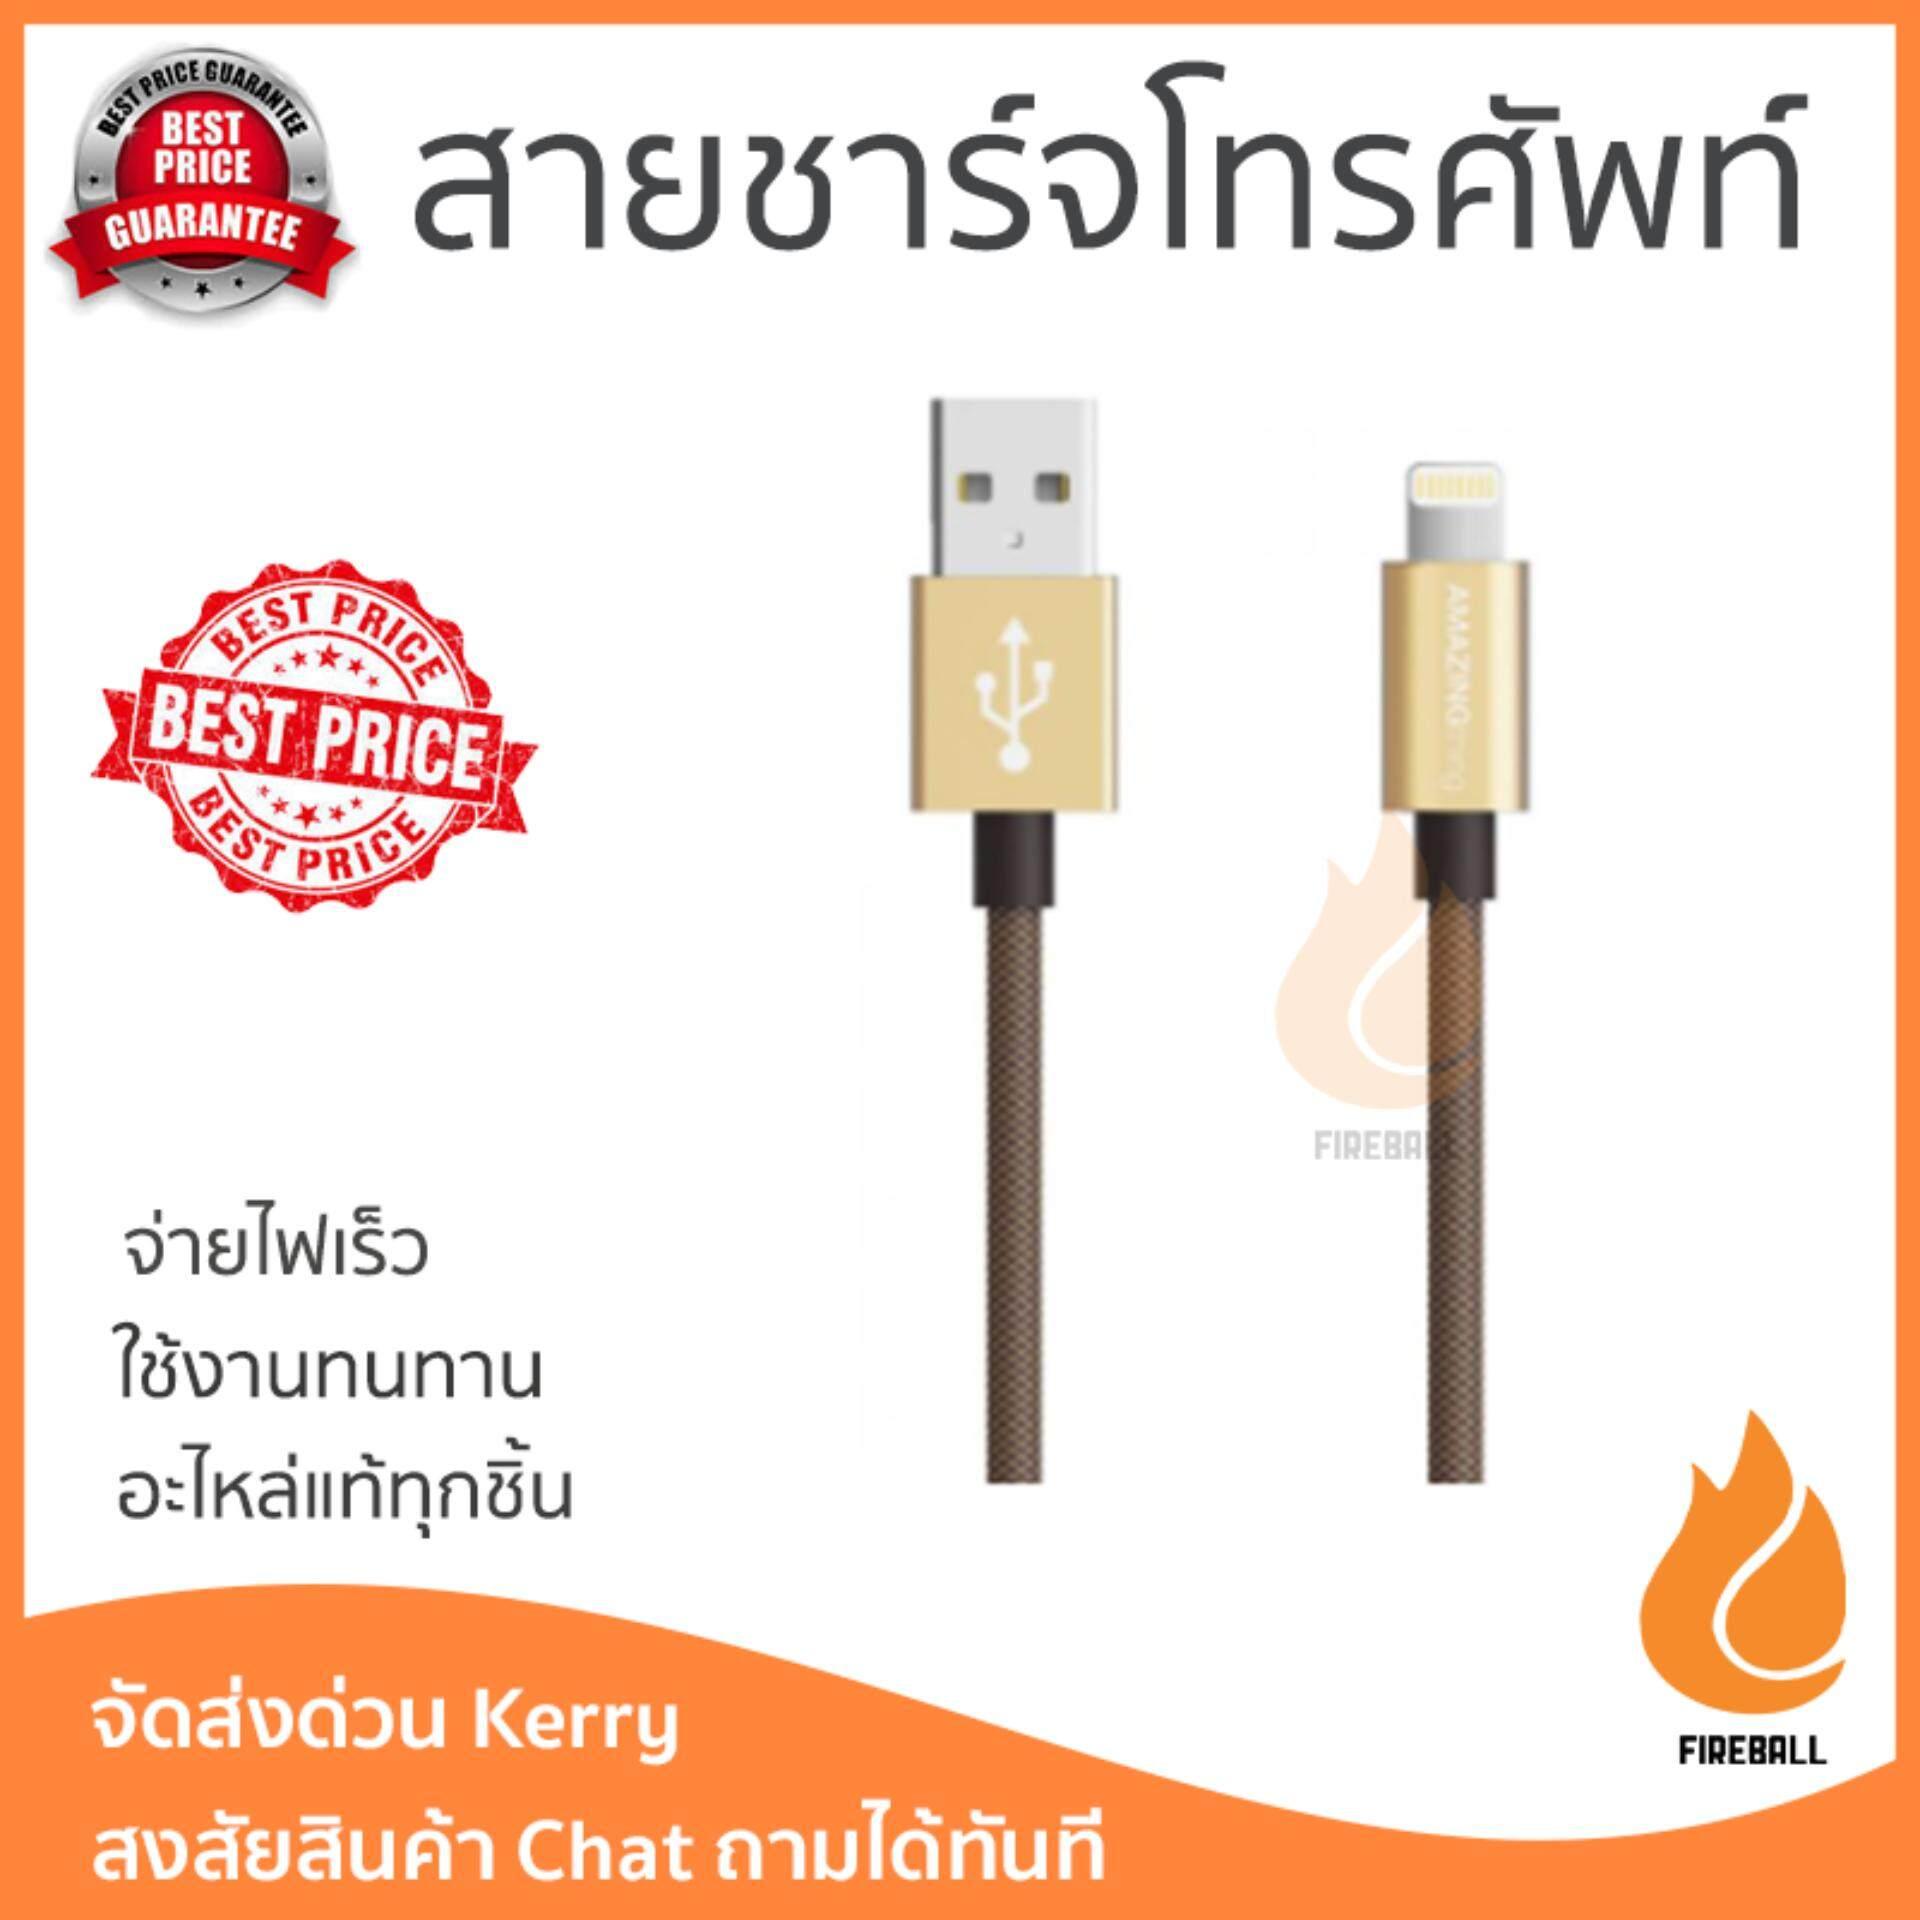 ราคาพิเศษ รุ่นยอดนิยม สายชาร์จโทรศัพท์ AMAZINGthing Lightning Cable SupremeLink Power Max 1M. Wine Golden สายชาร์จทนทาน แข็งแรง จ่ายไฟเร็ว Mobile Cable จัดส่งฟรี Kerry ทั่วประเทศ